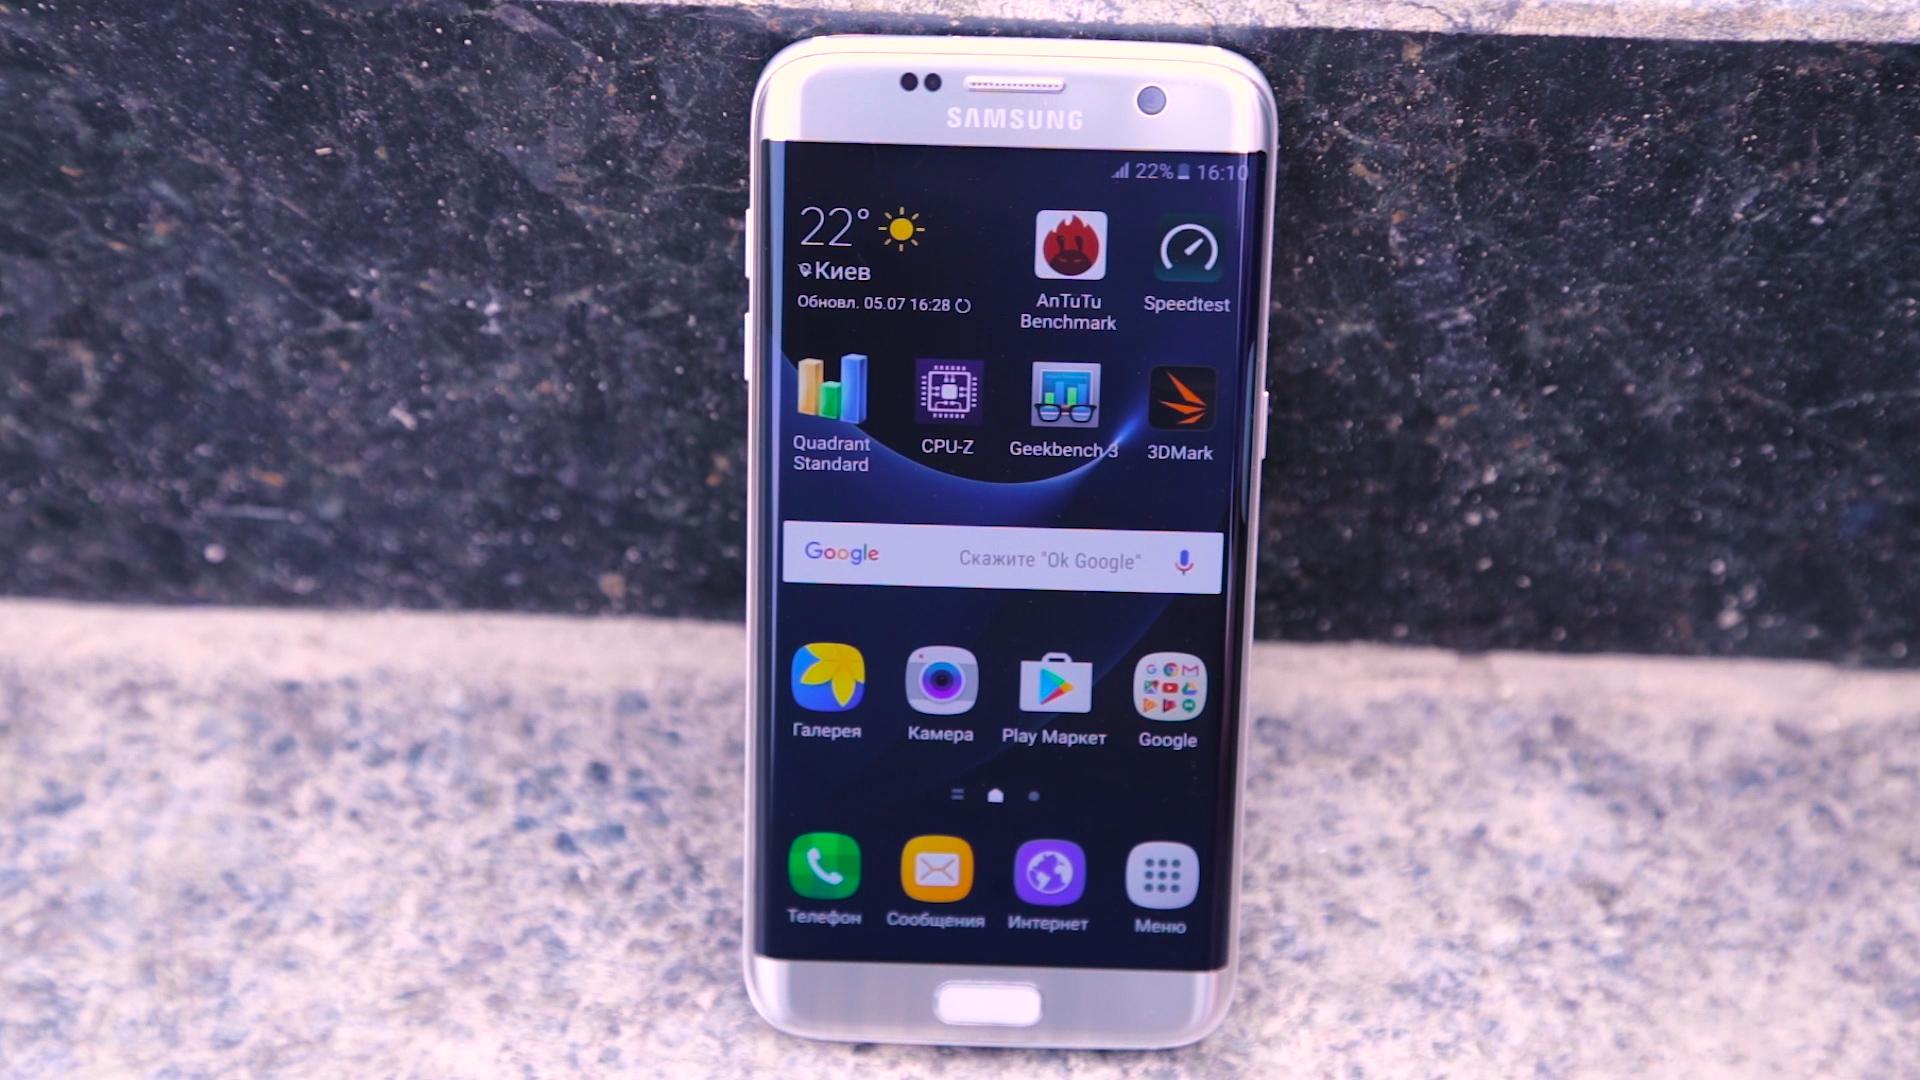 Samsung galaxy s7 edge.00_00_31_11.Still001